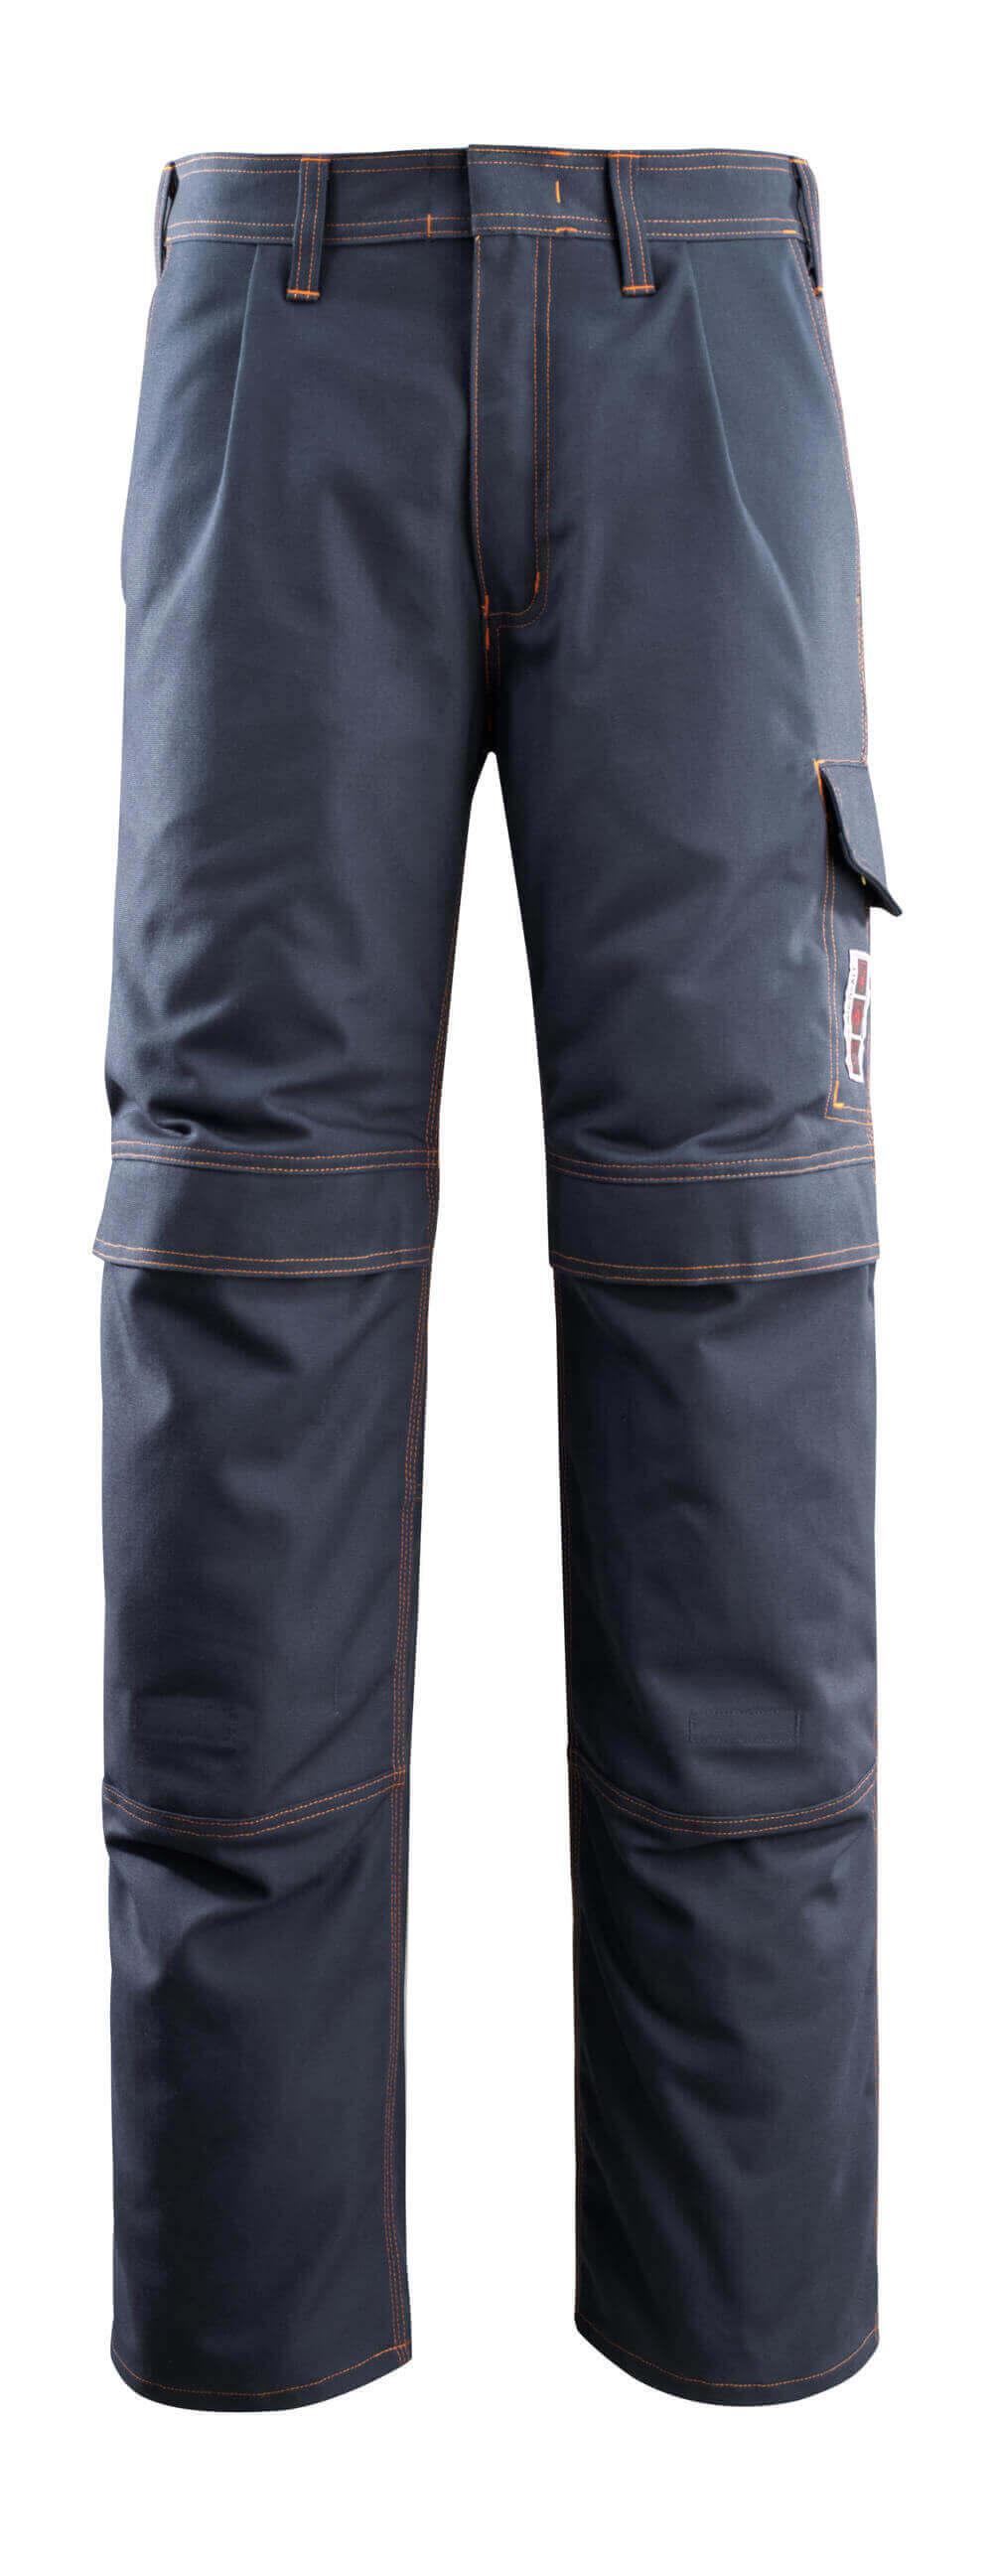 06679-135-010 Hose mit Knietaschen - Schwarzblau